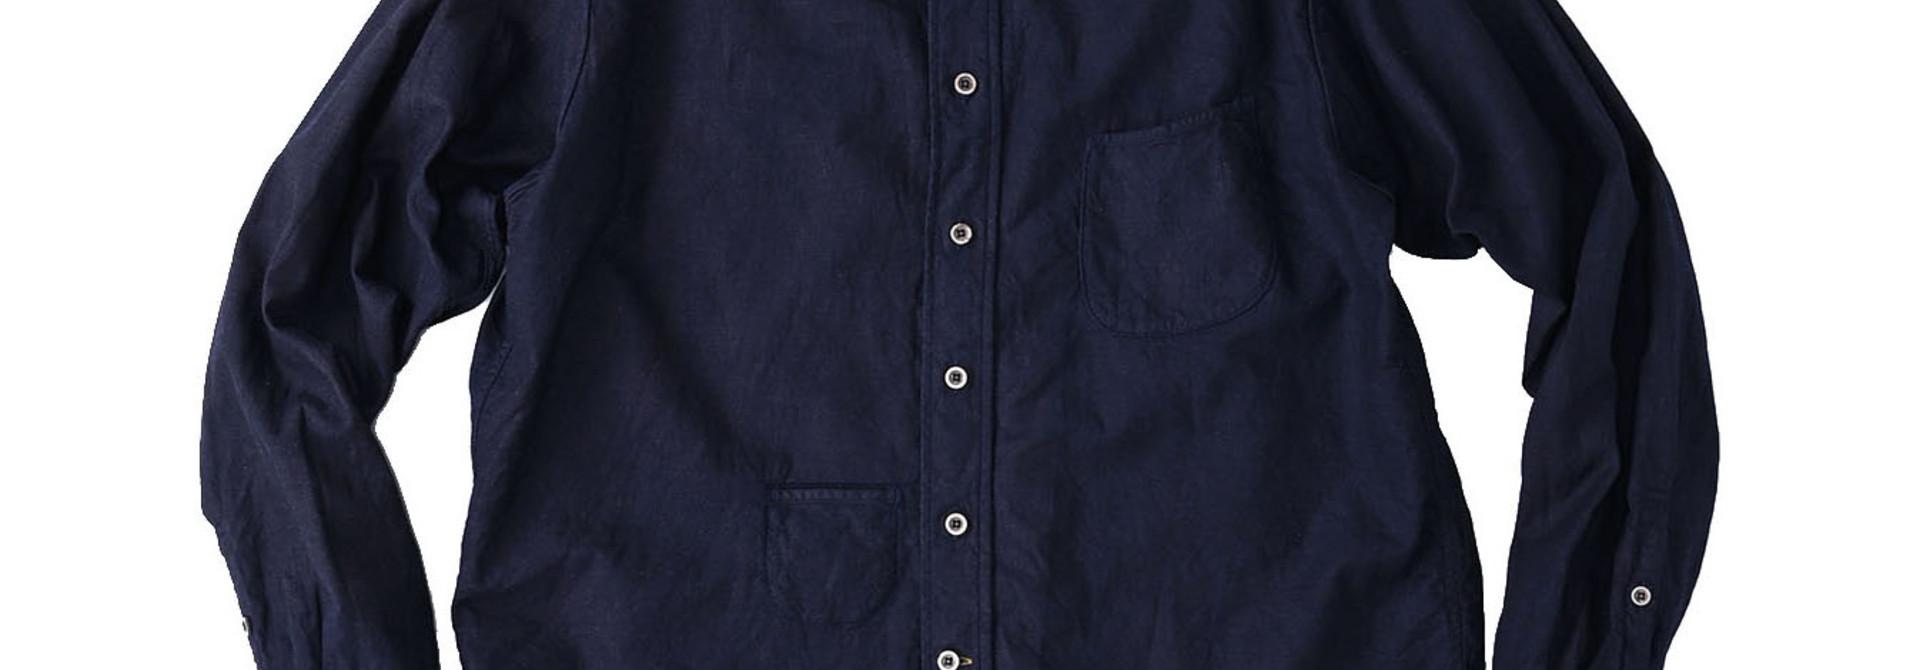 Indigo Gauze 908 Ocean Shirt